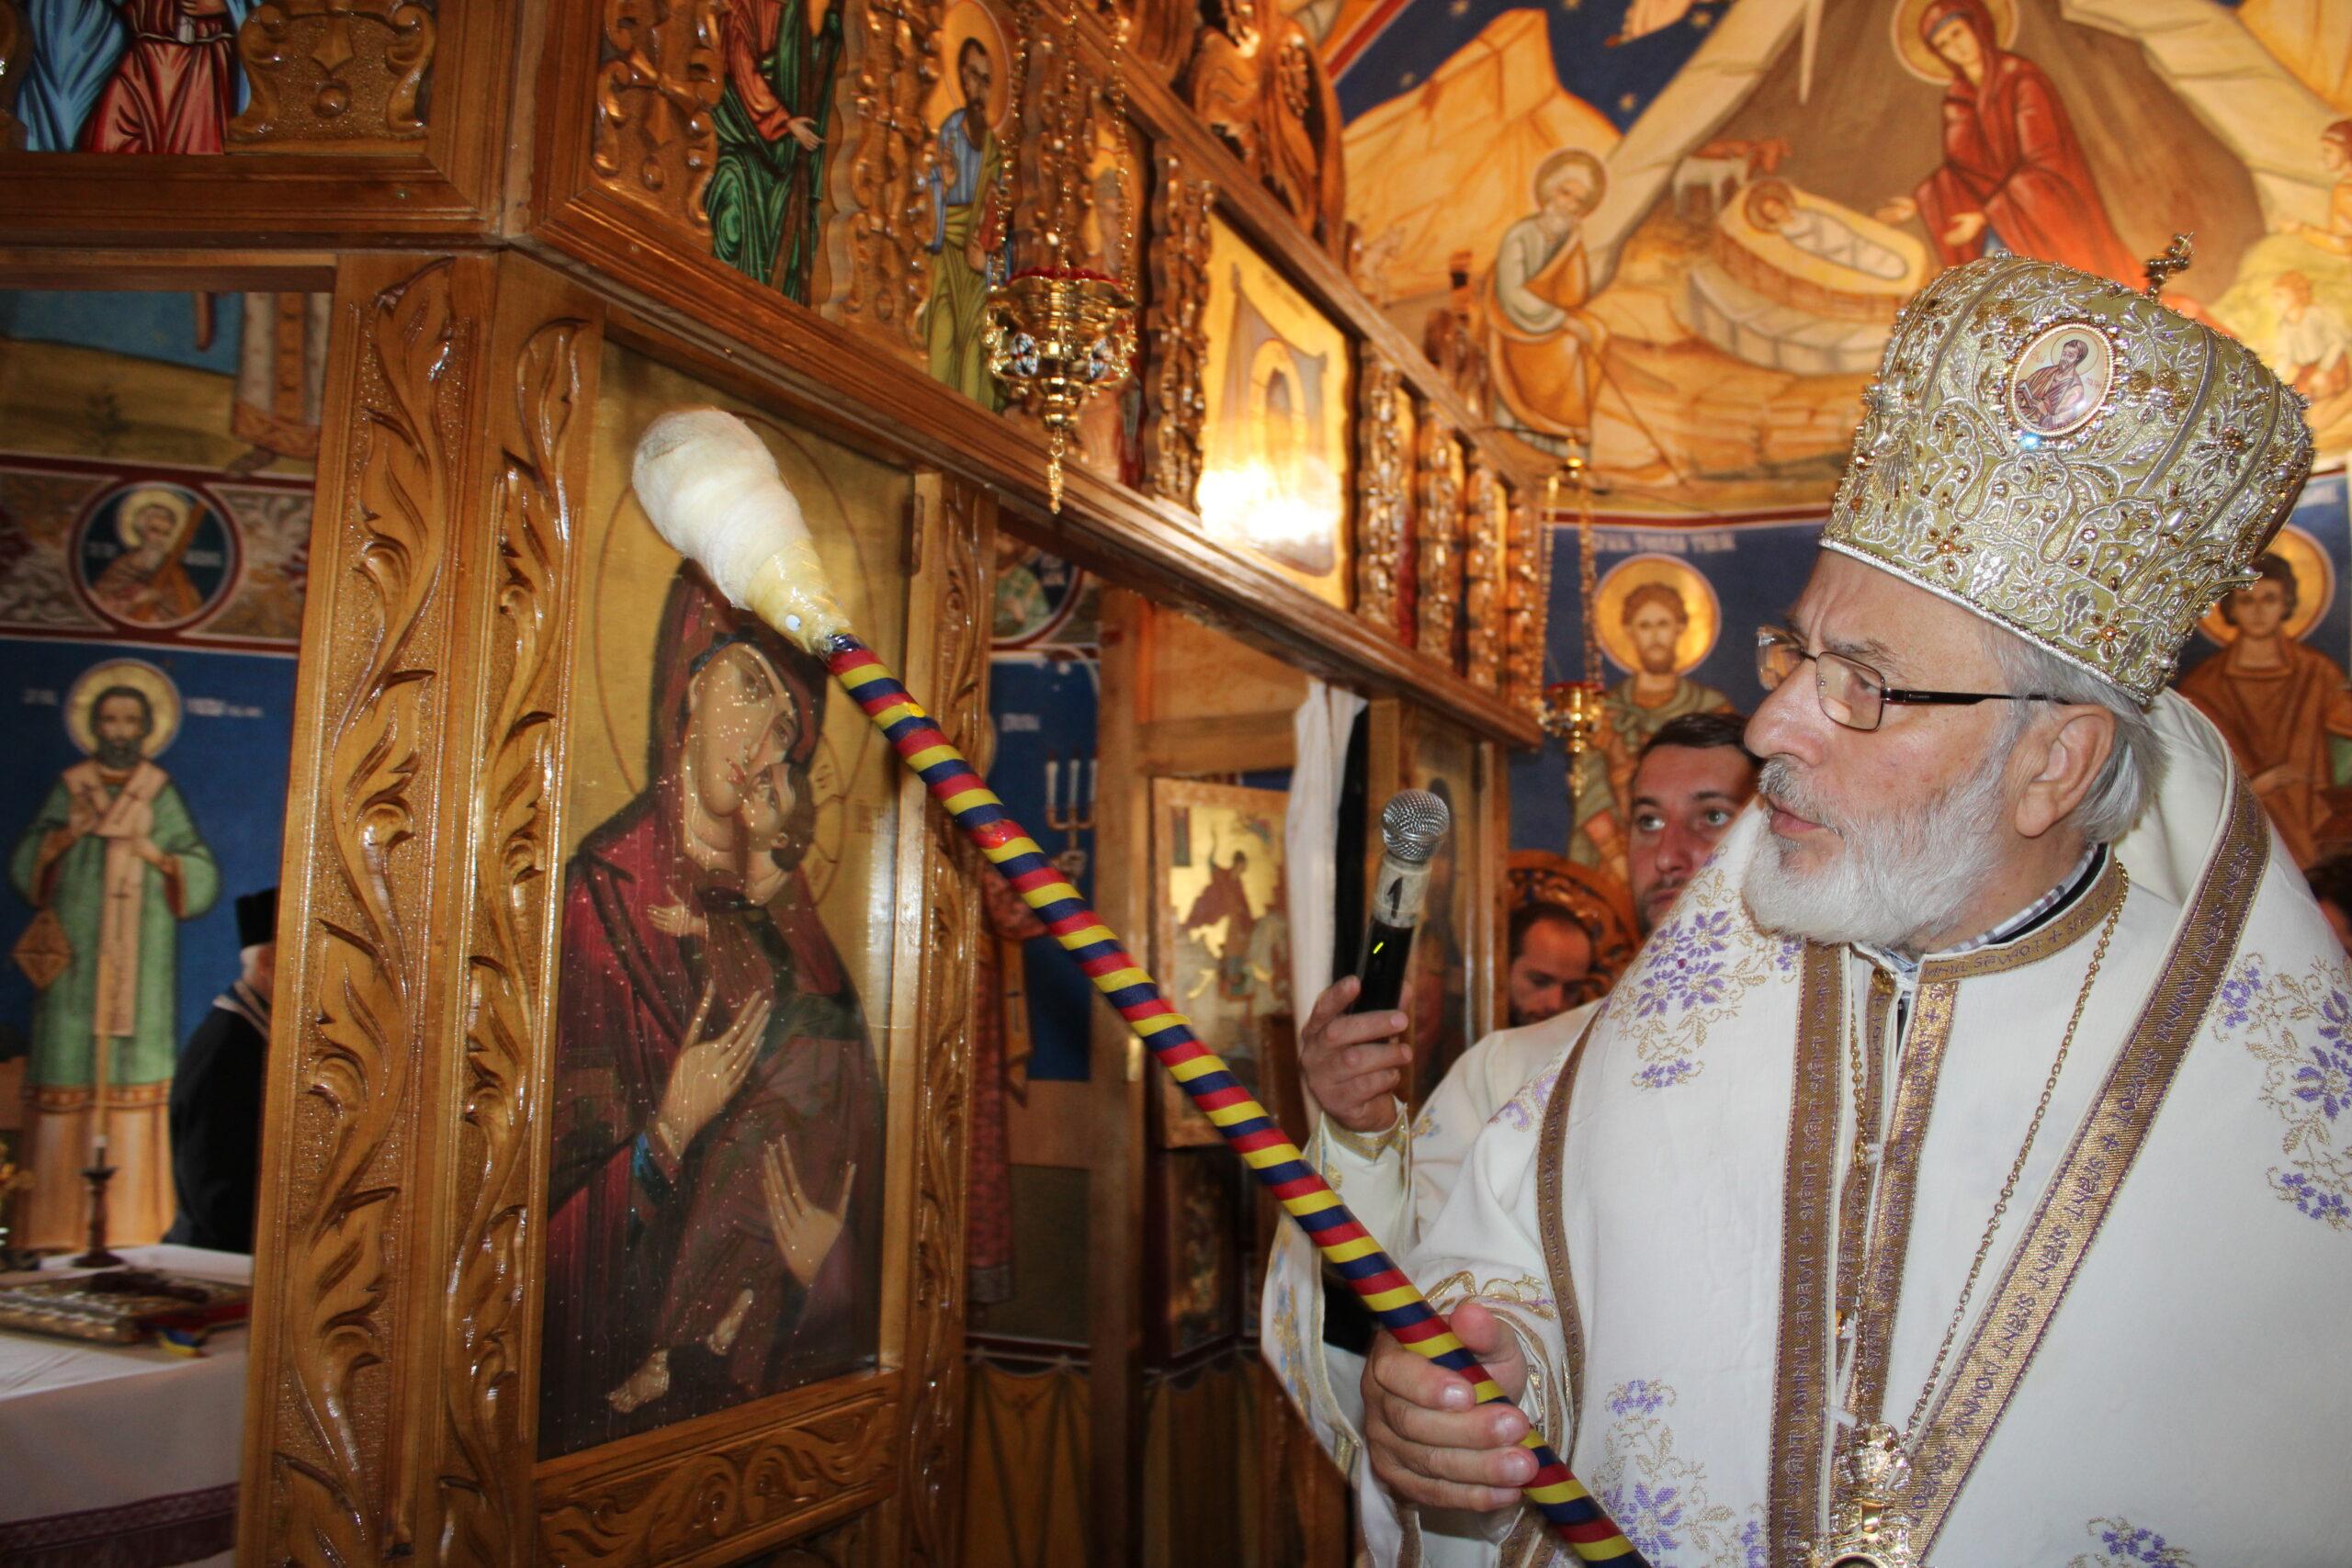 """Arhiepiscopul Calinic al Argeșului și Muscelului a sfinţit Biserica """"Sfinții Arhangheli Mihail și Gavriil"""" din Orașul Costești, Argeș"""